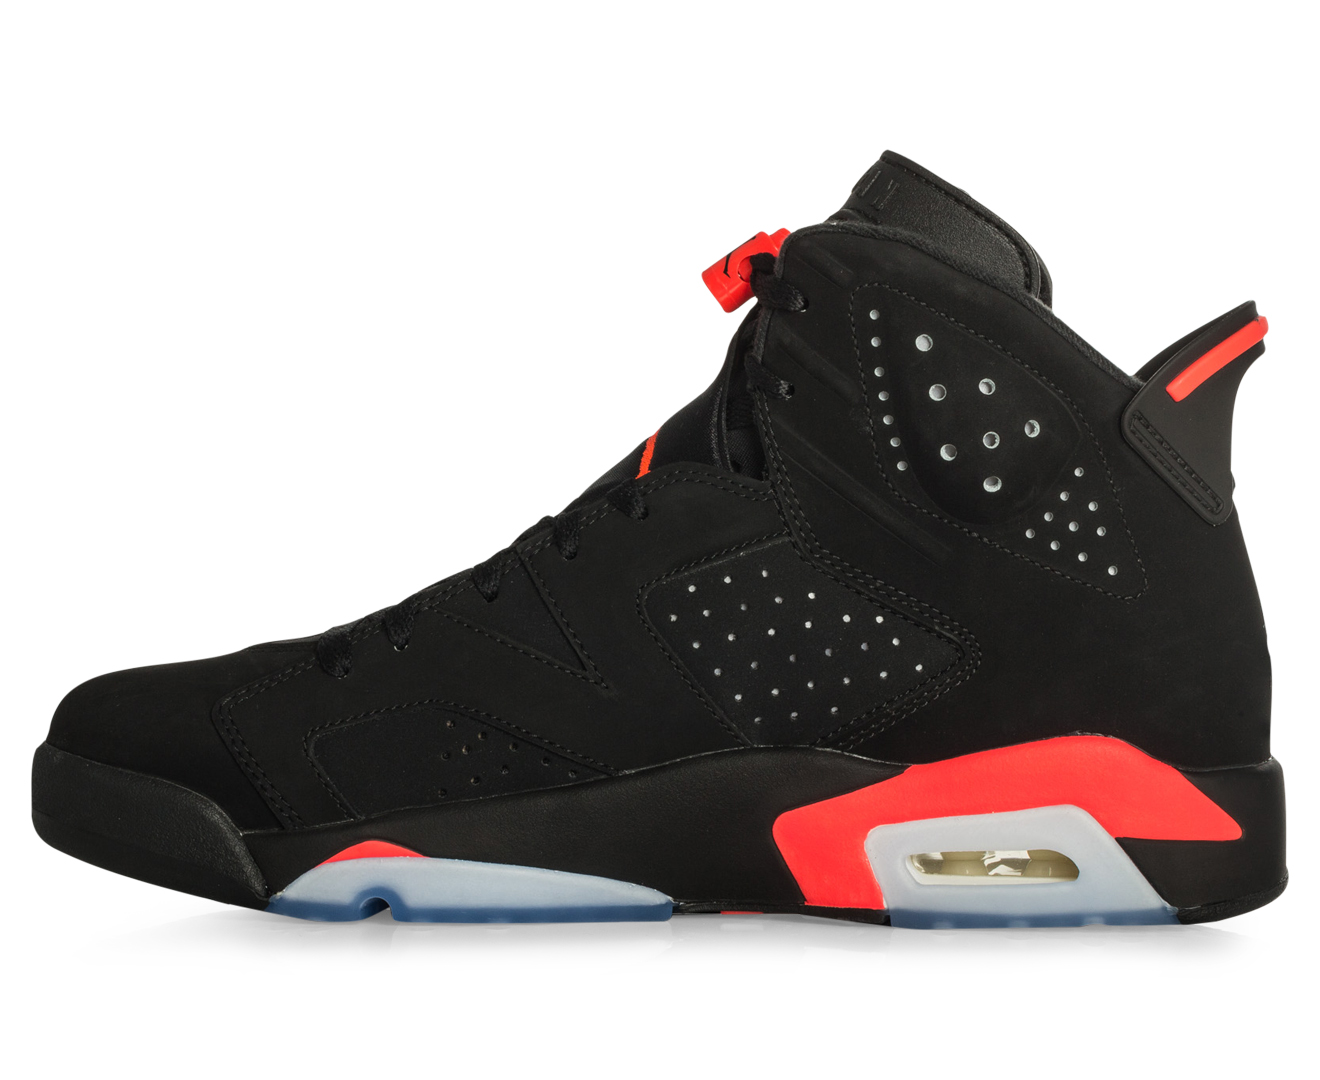 Air Jordan 6 Retro - Black/Infrared